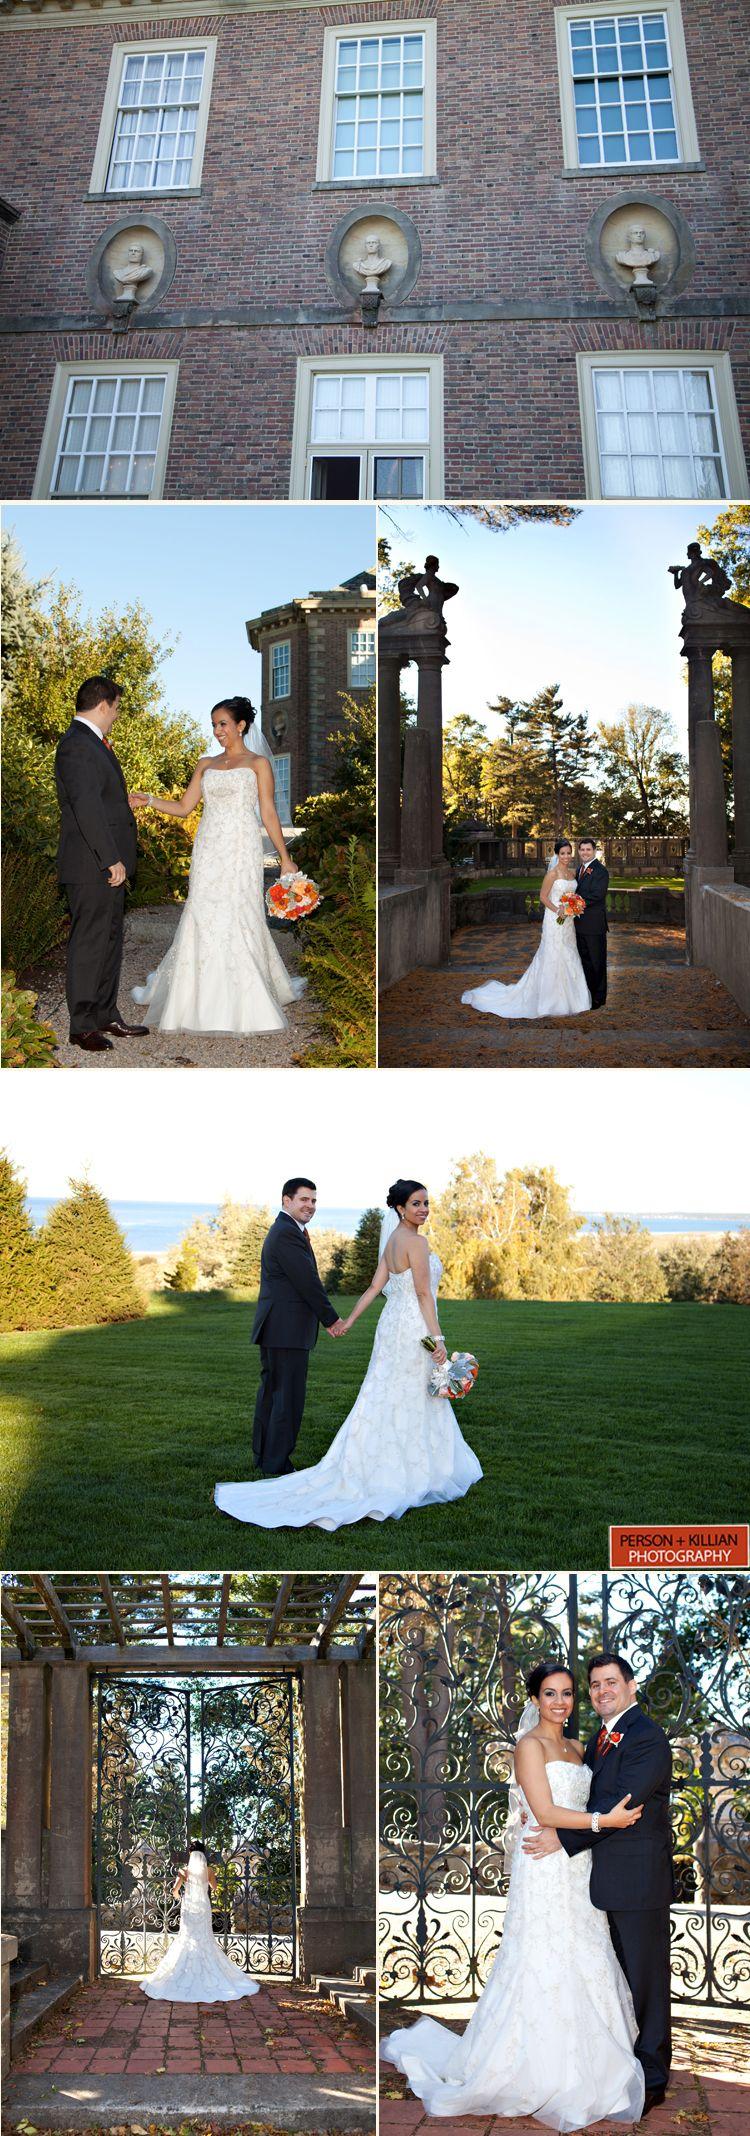 An Autumn Wedding At The Crane Estate Ipswich